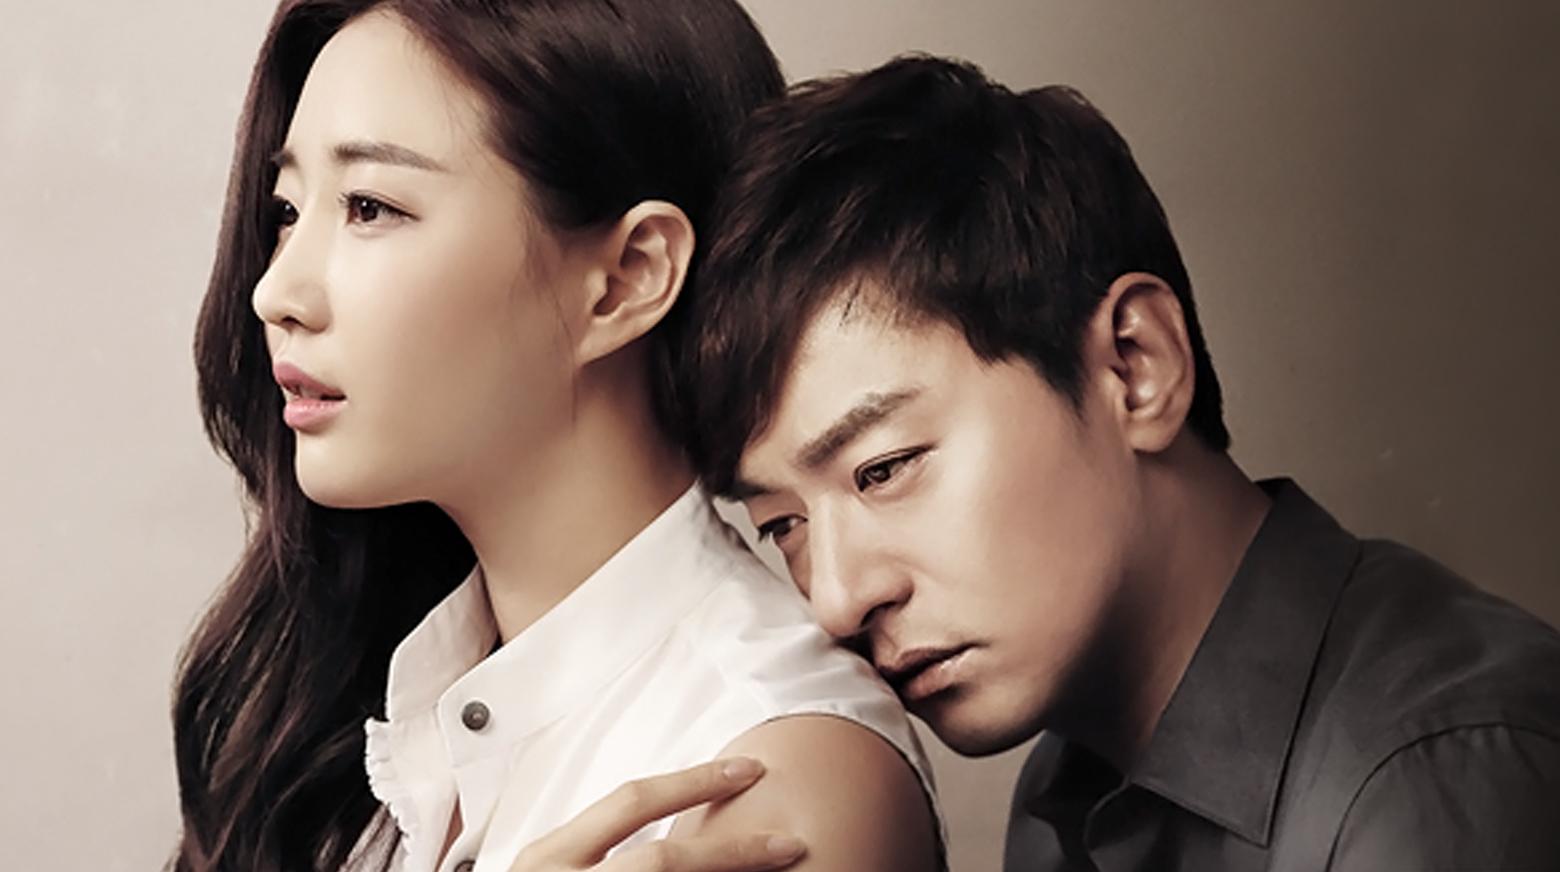 My Love Eun Dong Rakuten Viki